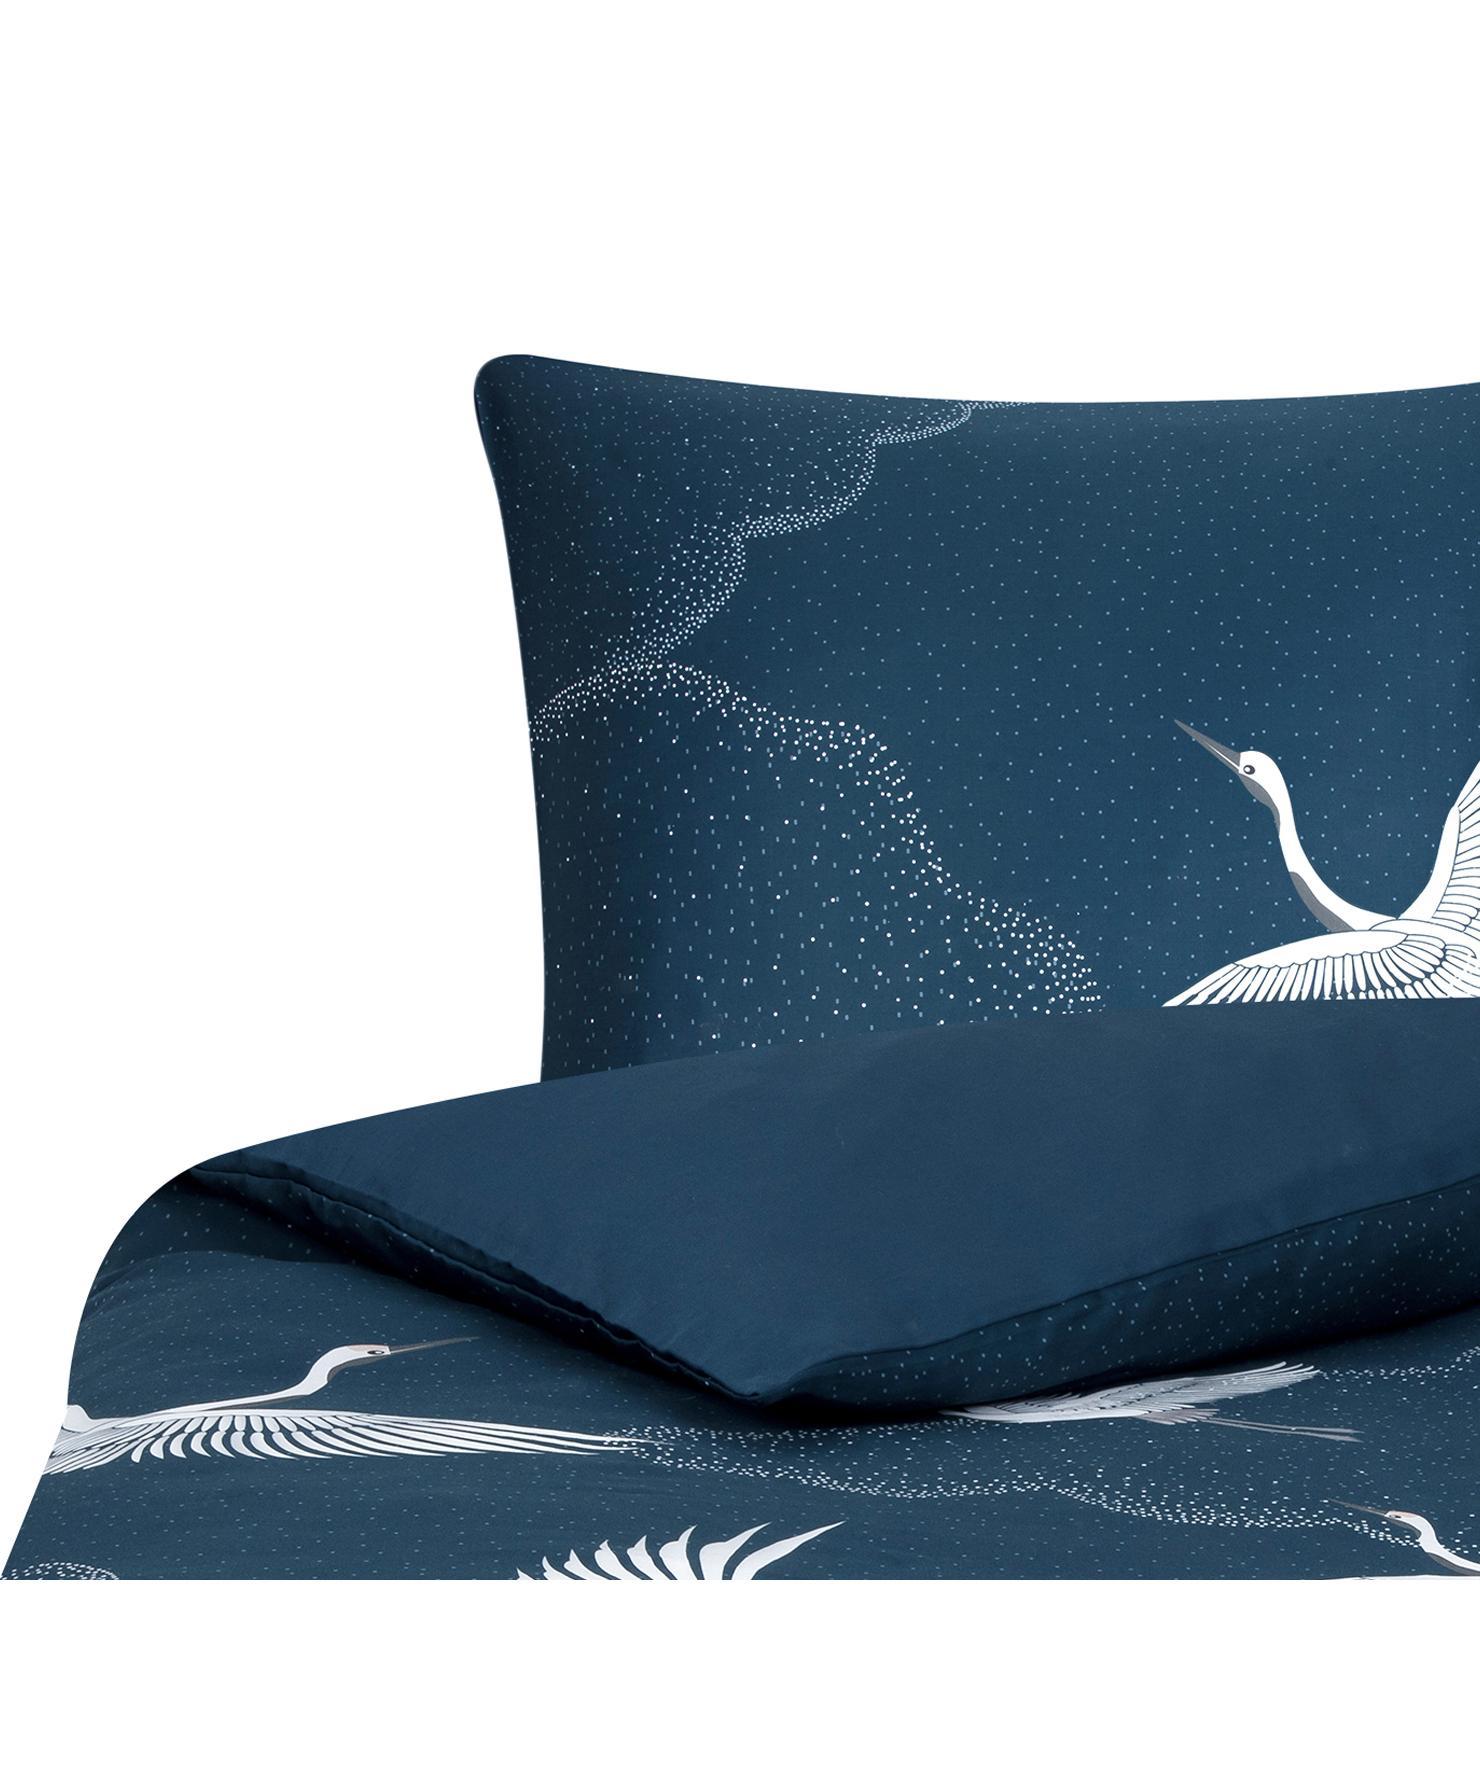 Pościel z satyny bawełnianej Yuma, Niebieski, biały, szary, 135 x 200 cm